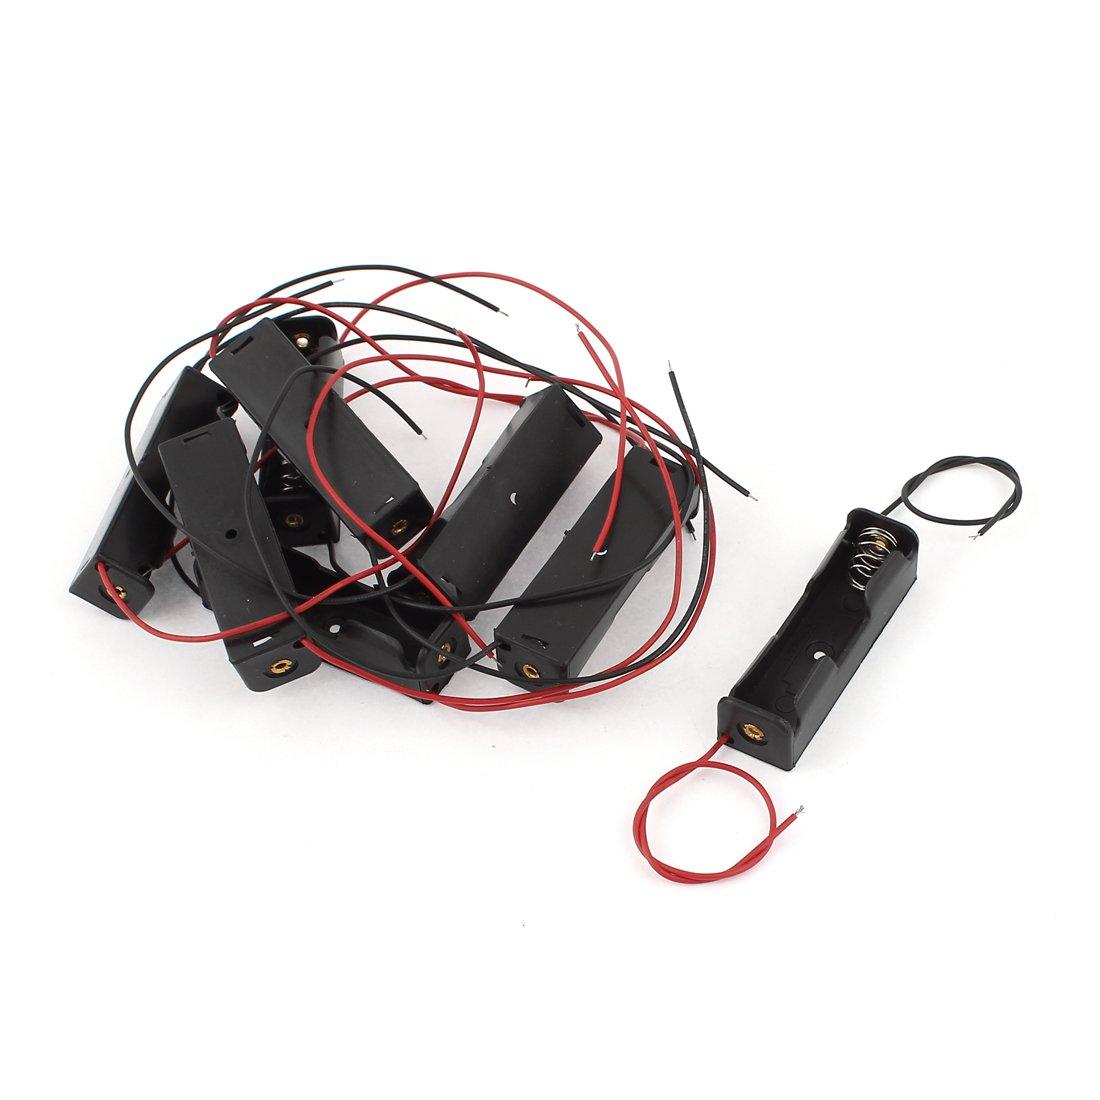 Sourcingmap® 8 pcs 2 Cables de plástico Negro de la batería AA de 1,5V Soporte Caja de celda para DIY: Amazon.es: Electrónica